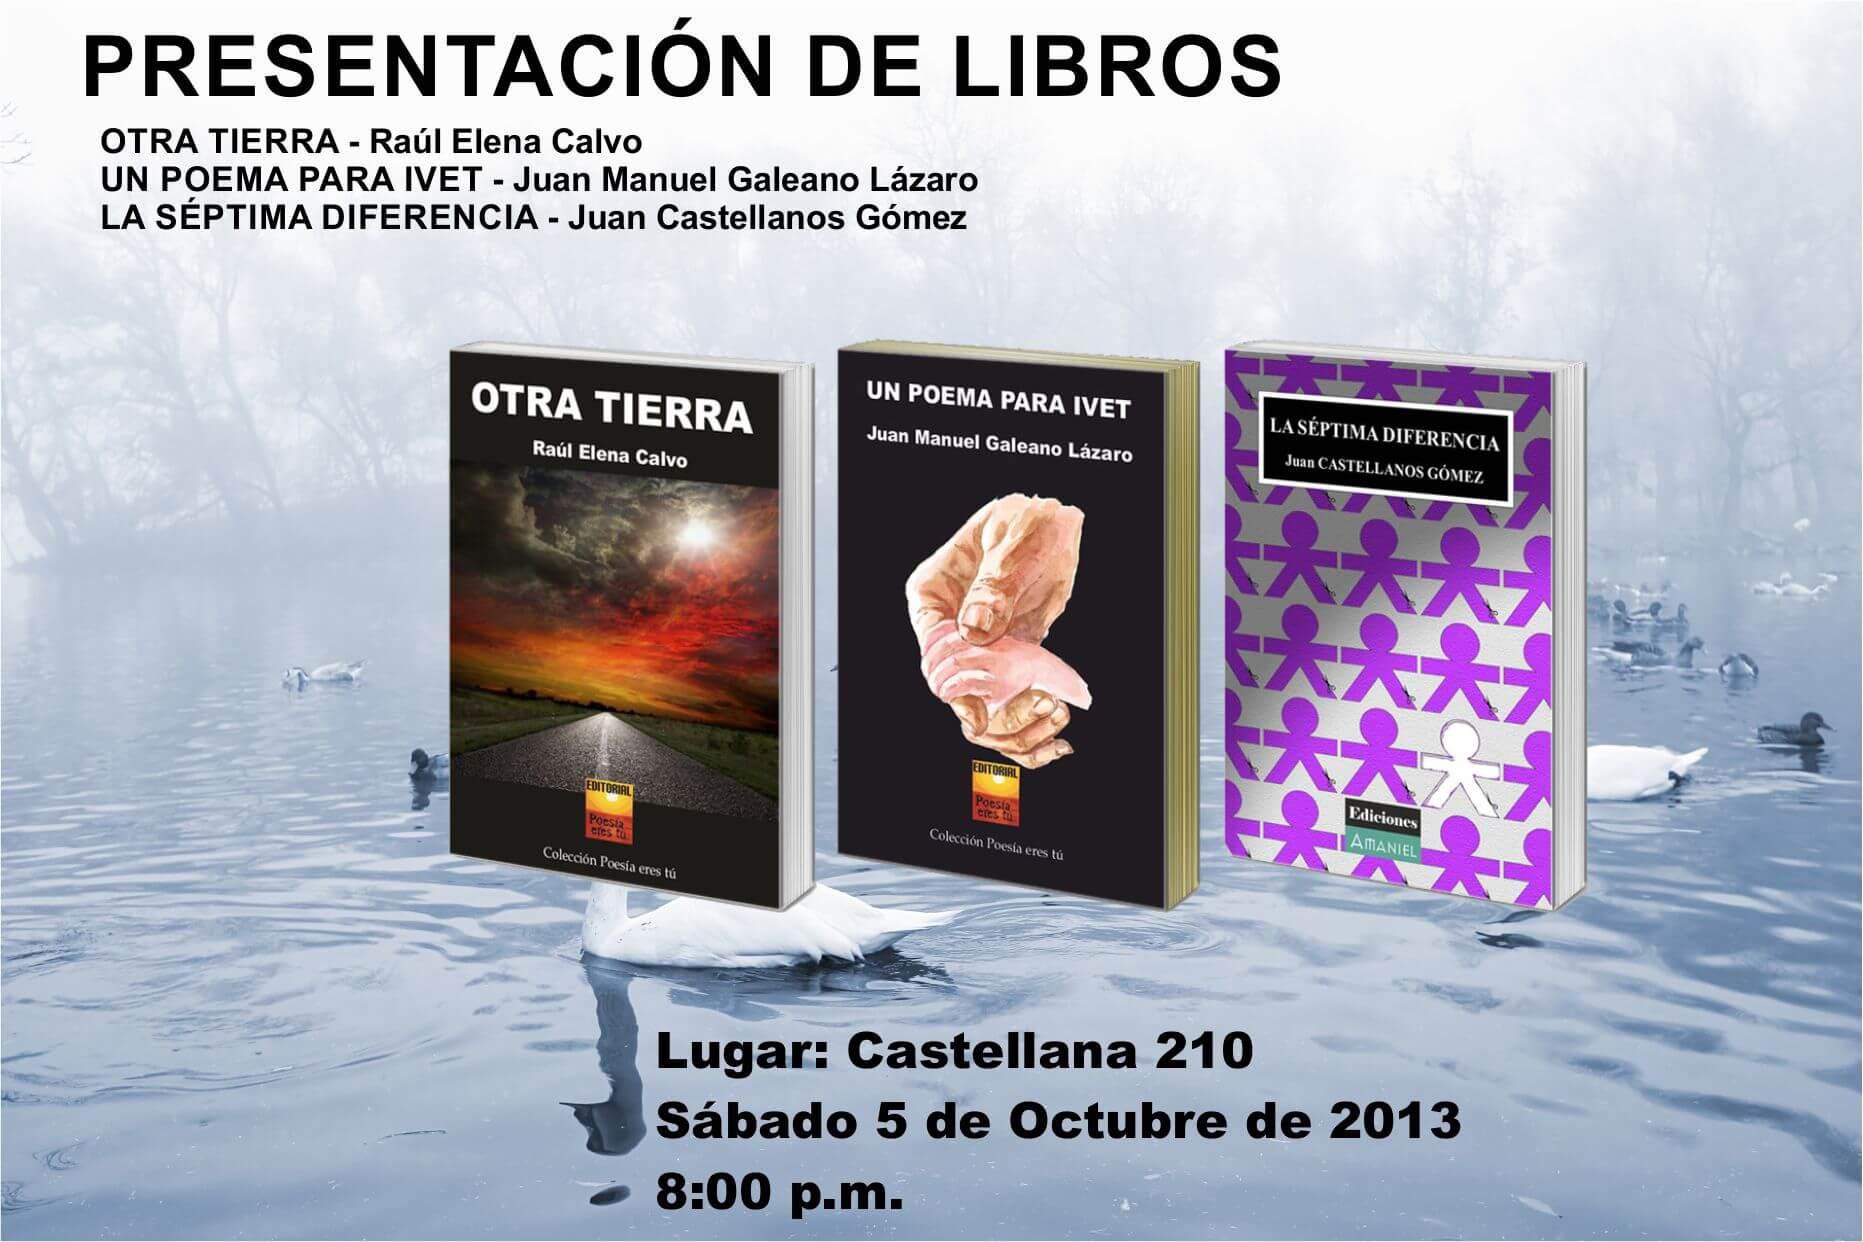 Video anuncio: Presentaciones de libros día 4 de Octubre Video anuncio: Presentaciones de libros día 4 de Octubre Cartel5deOctubre2013 revista de poesía Revista de poesía. Revista Poesía eres tú. Cartel5deOctubre2013